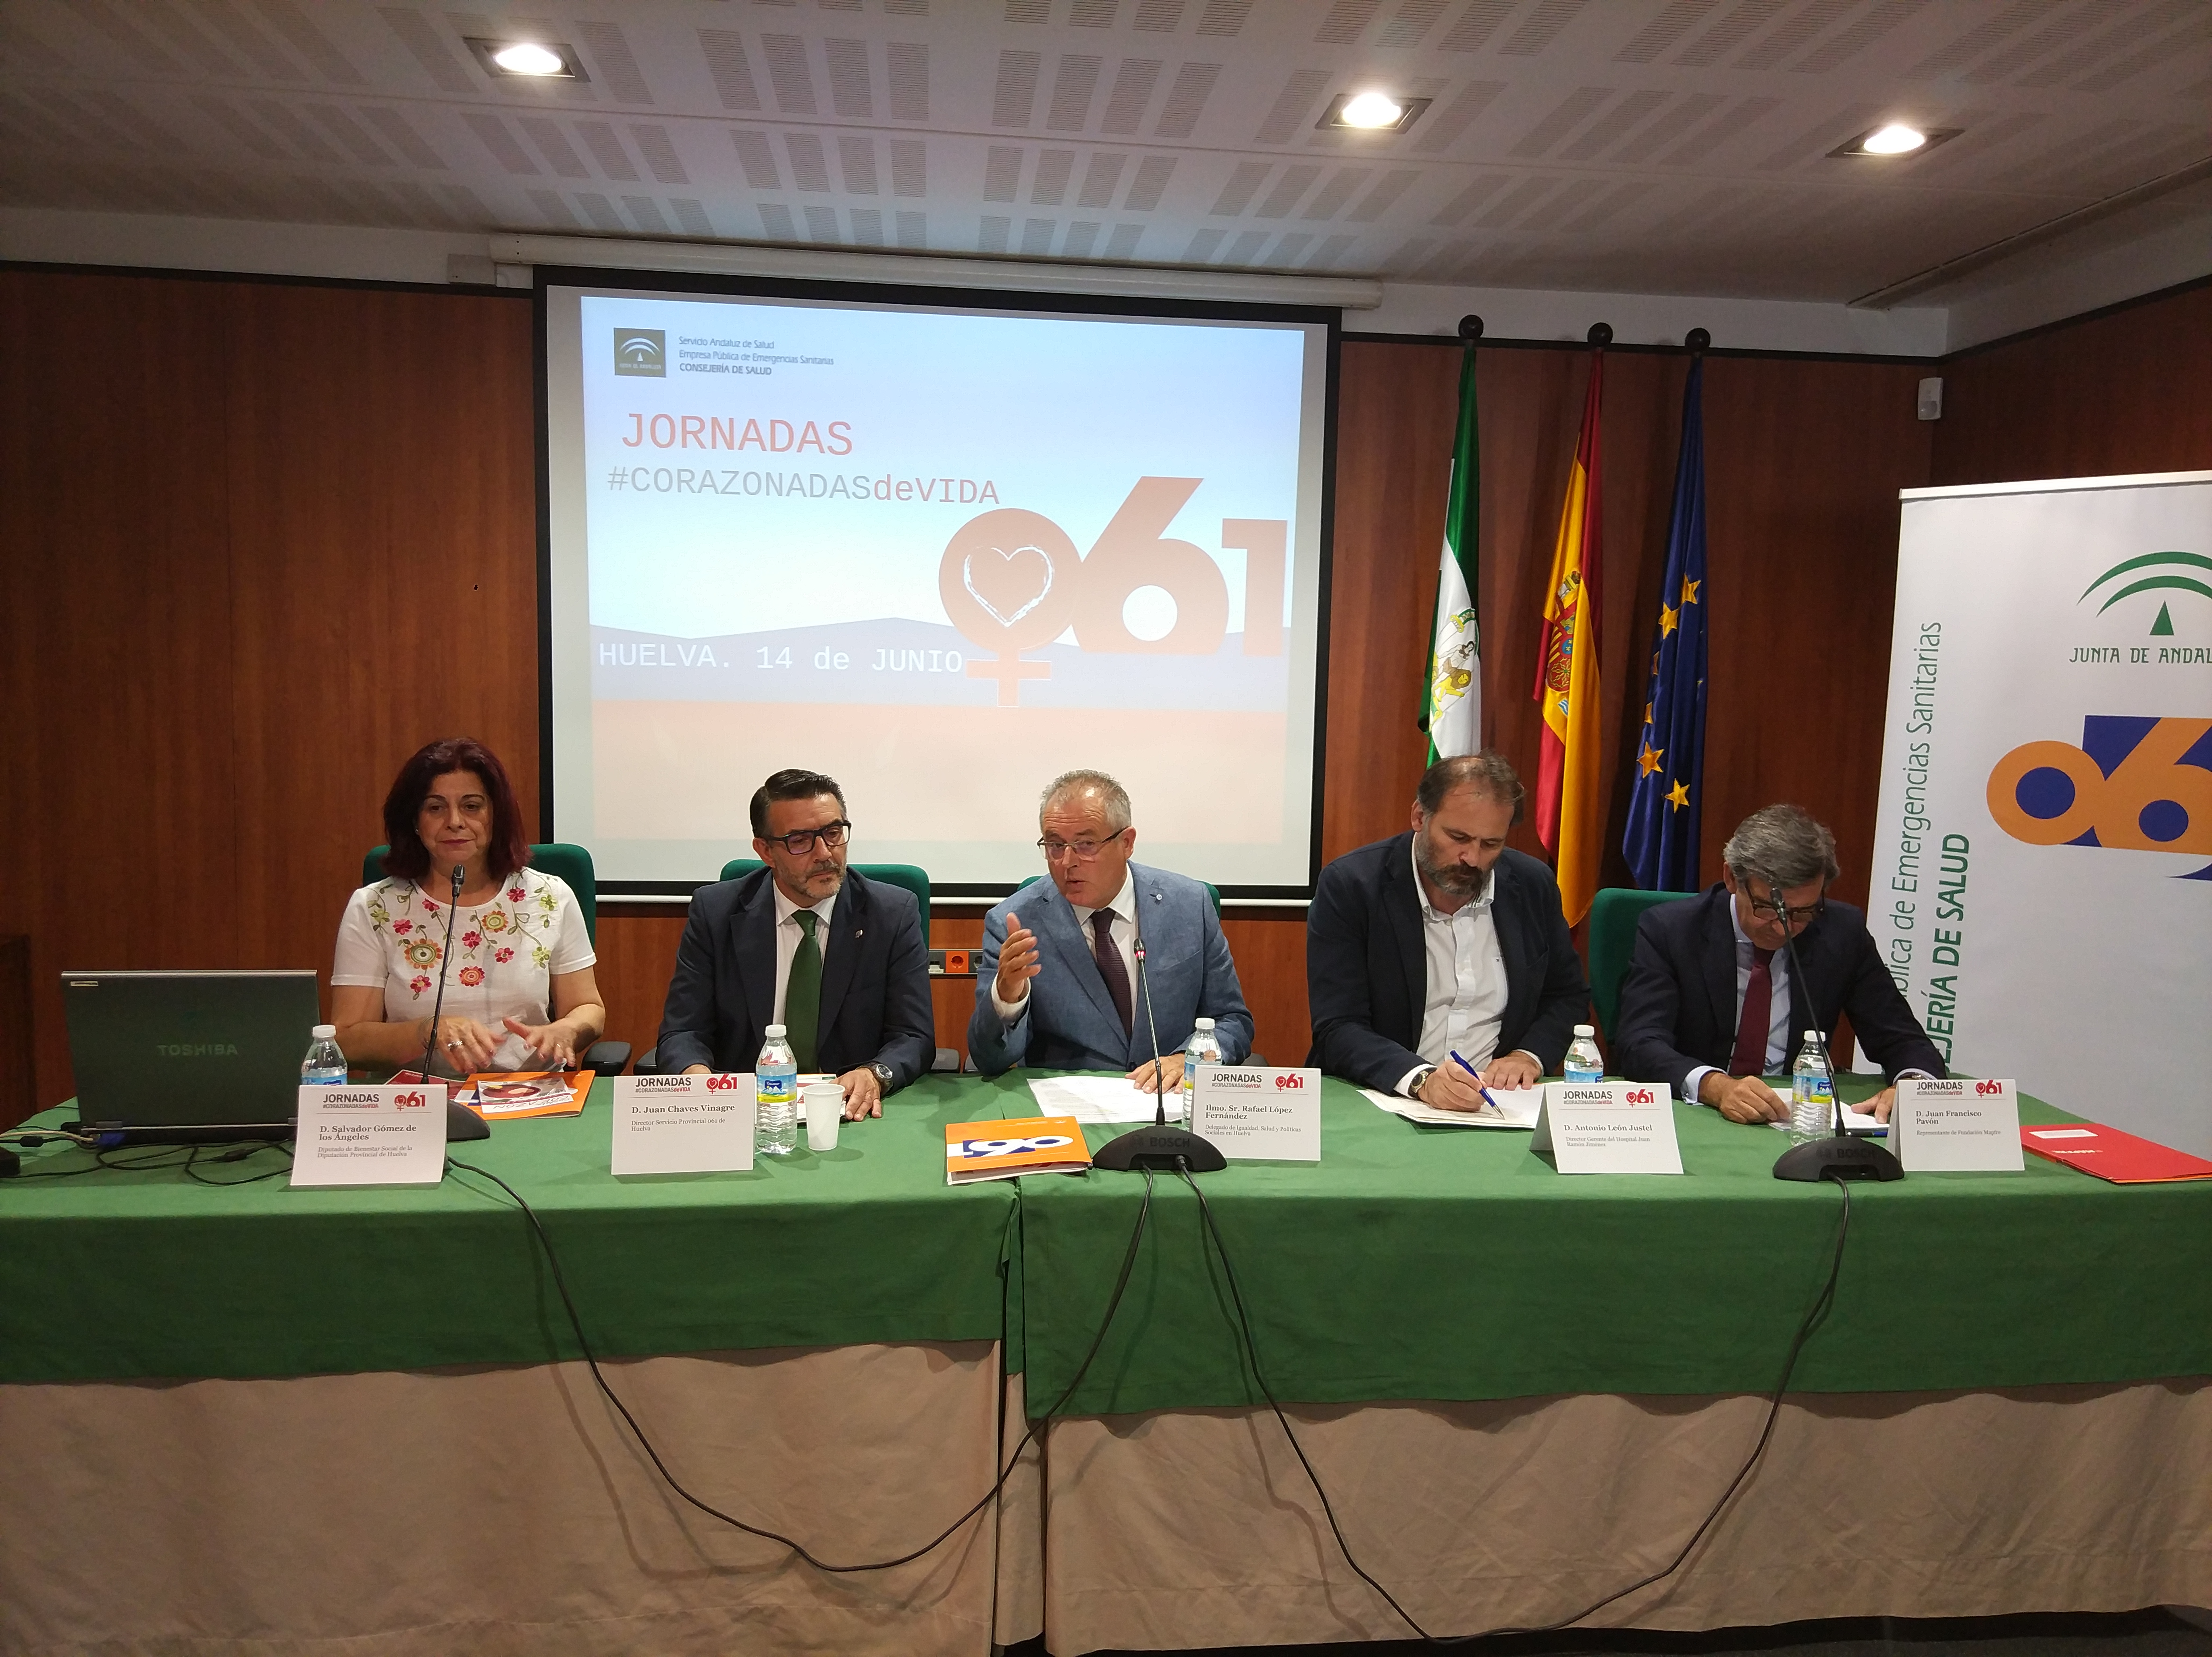 http://www.epes.es/wp-content/uploads/Corazonadas-de-vida-Huelva.jpg